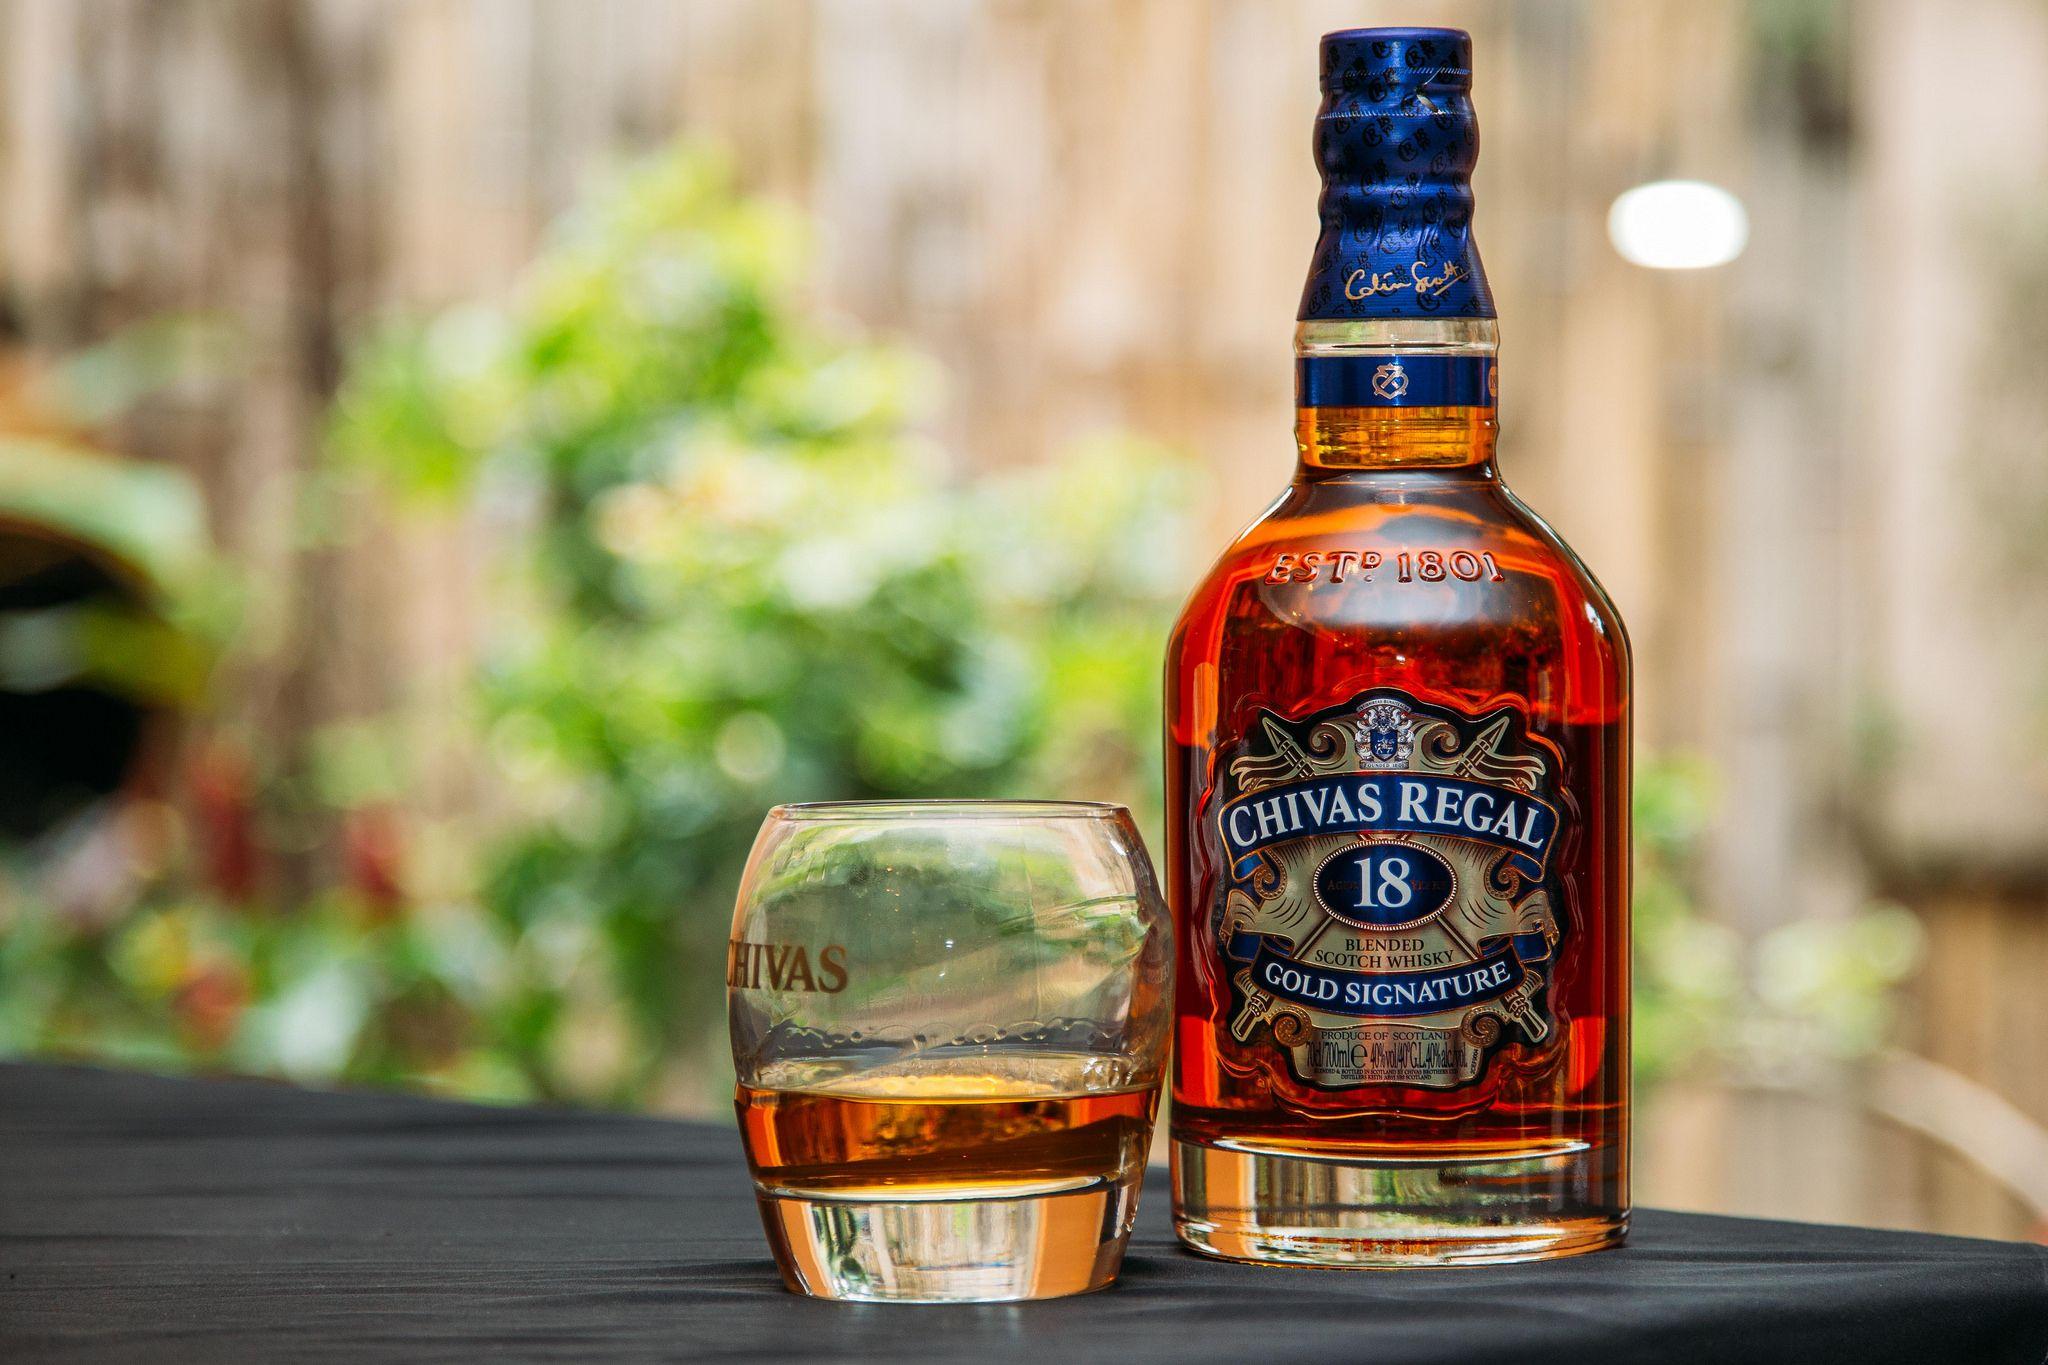 Chivas Regal Explored Whiskey Whisky Beer Bottle